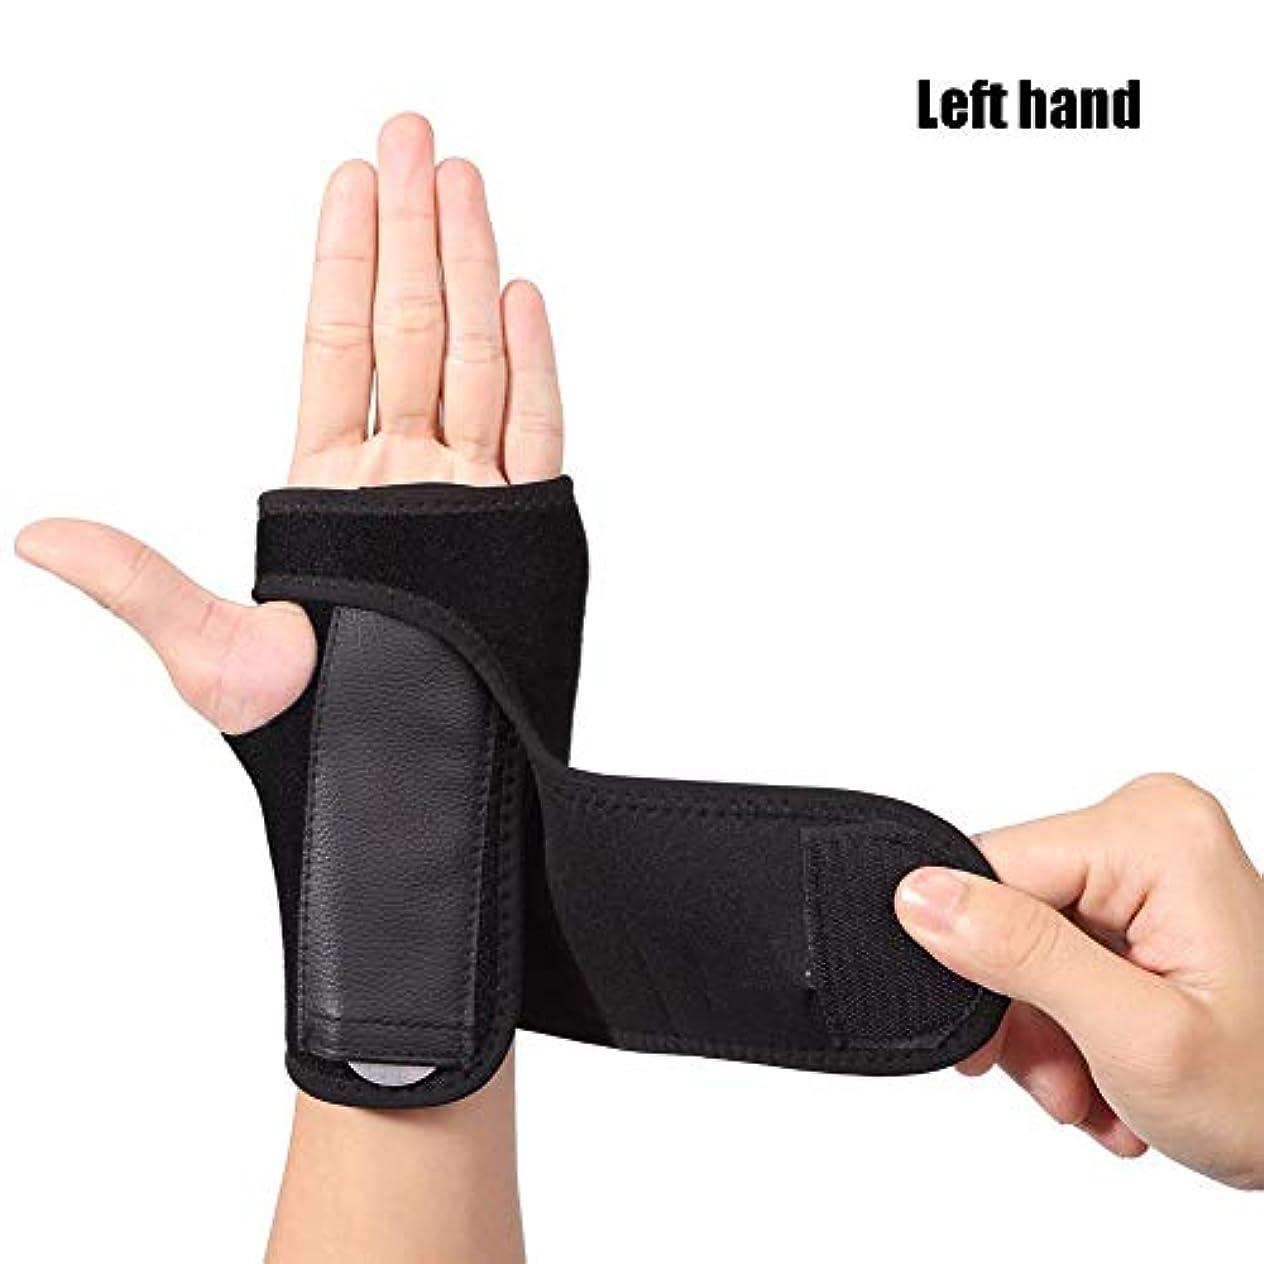 有限チャーム結核手根管腱炎骨折関節炎の捻forのための手首のサポートスプリント,Left